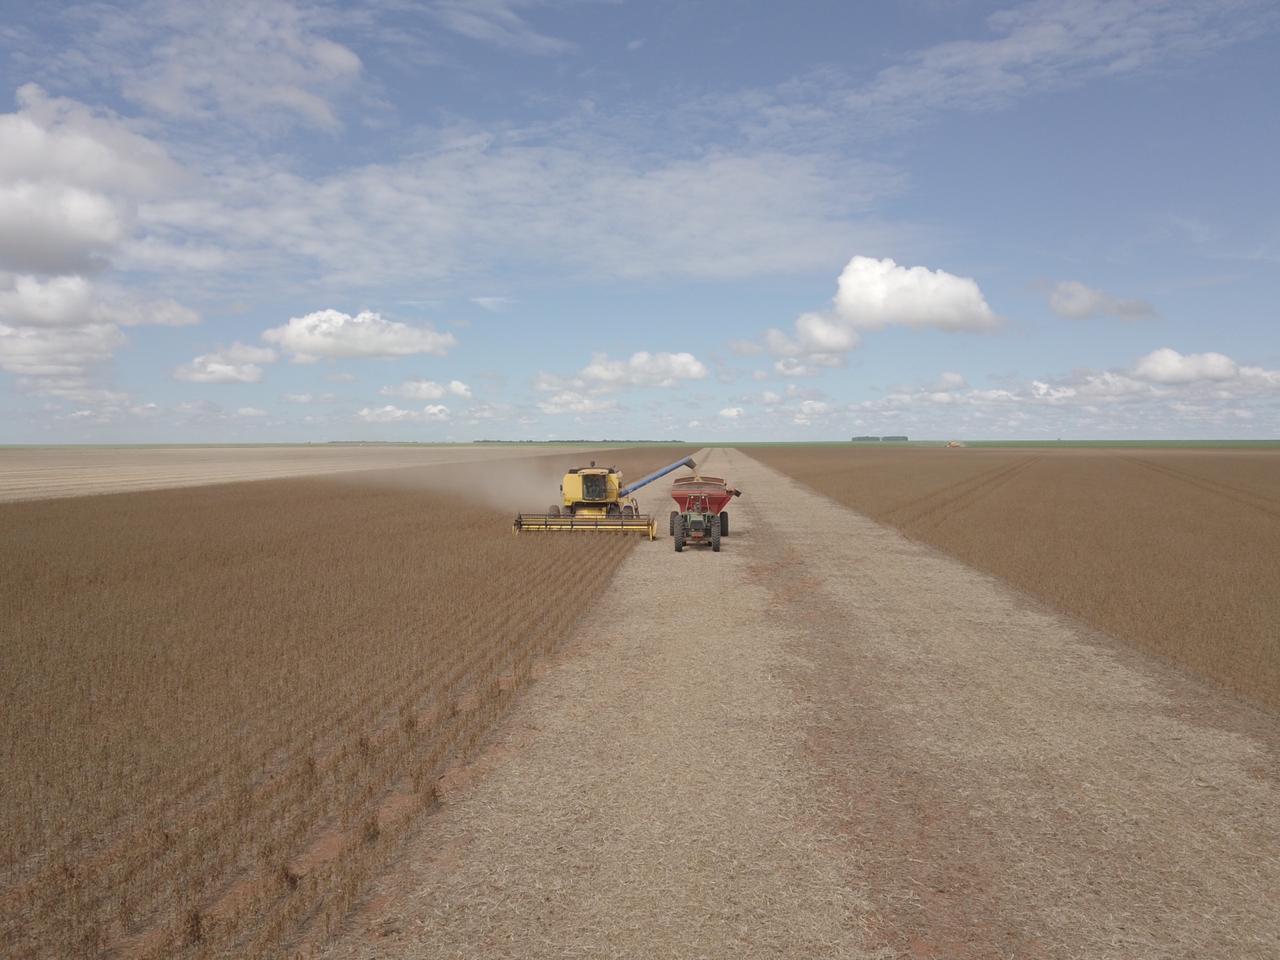 Finalizando colheita na faz. Vila Nova, São José do Rio Claro MT.